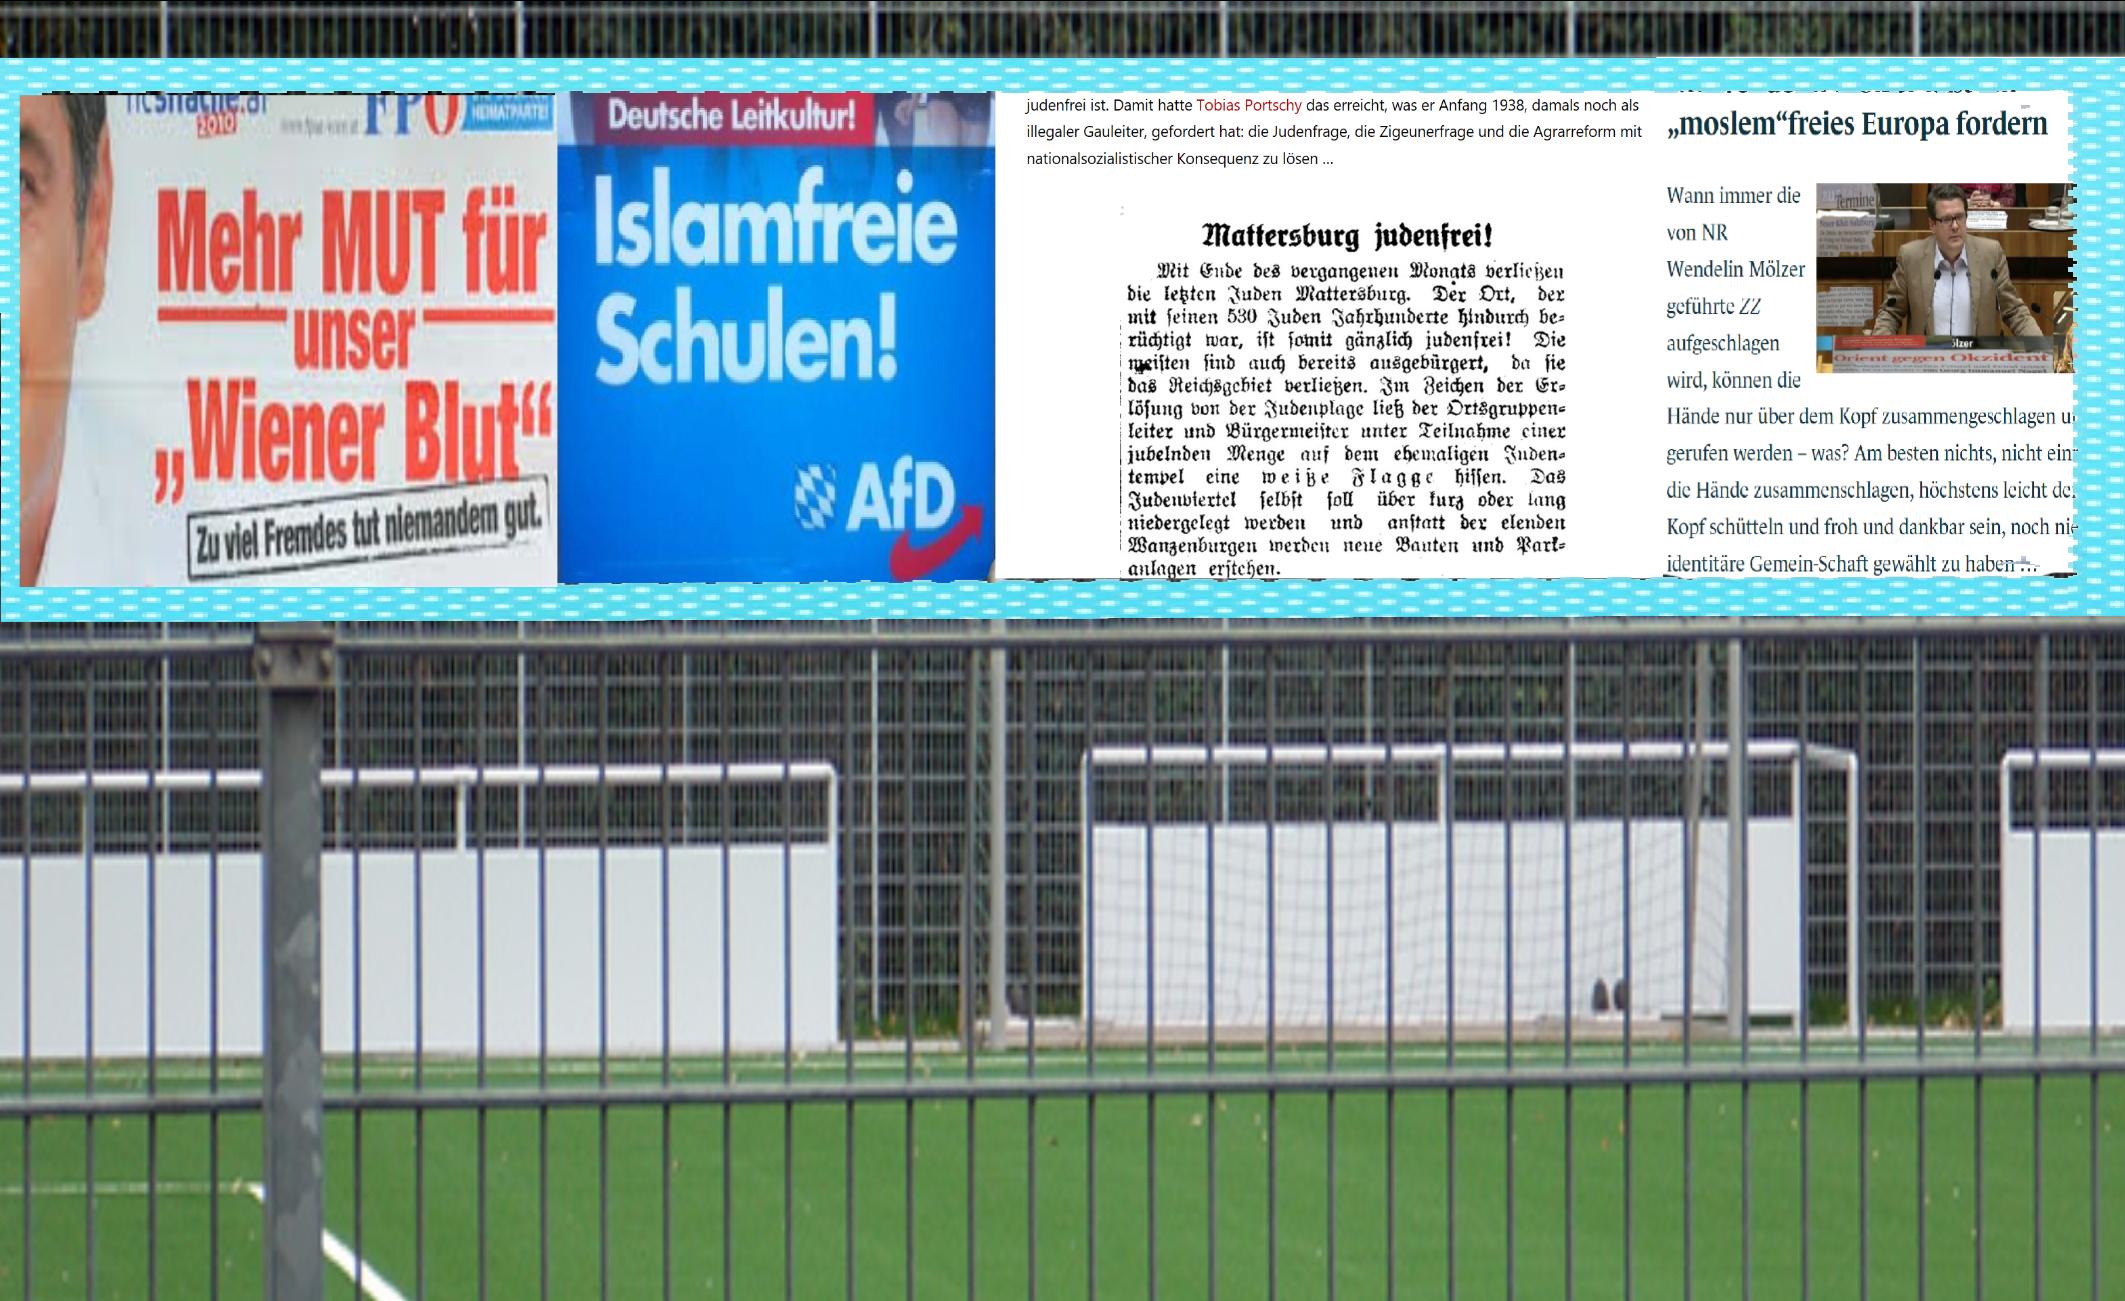 Bandensprüche - FPÖ - AfD - NSDAP.png